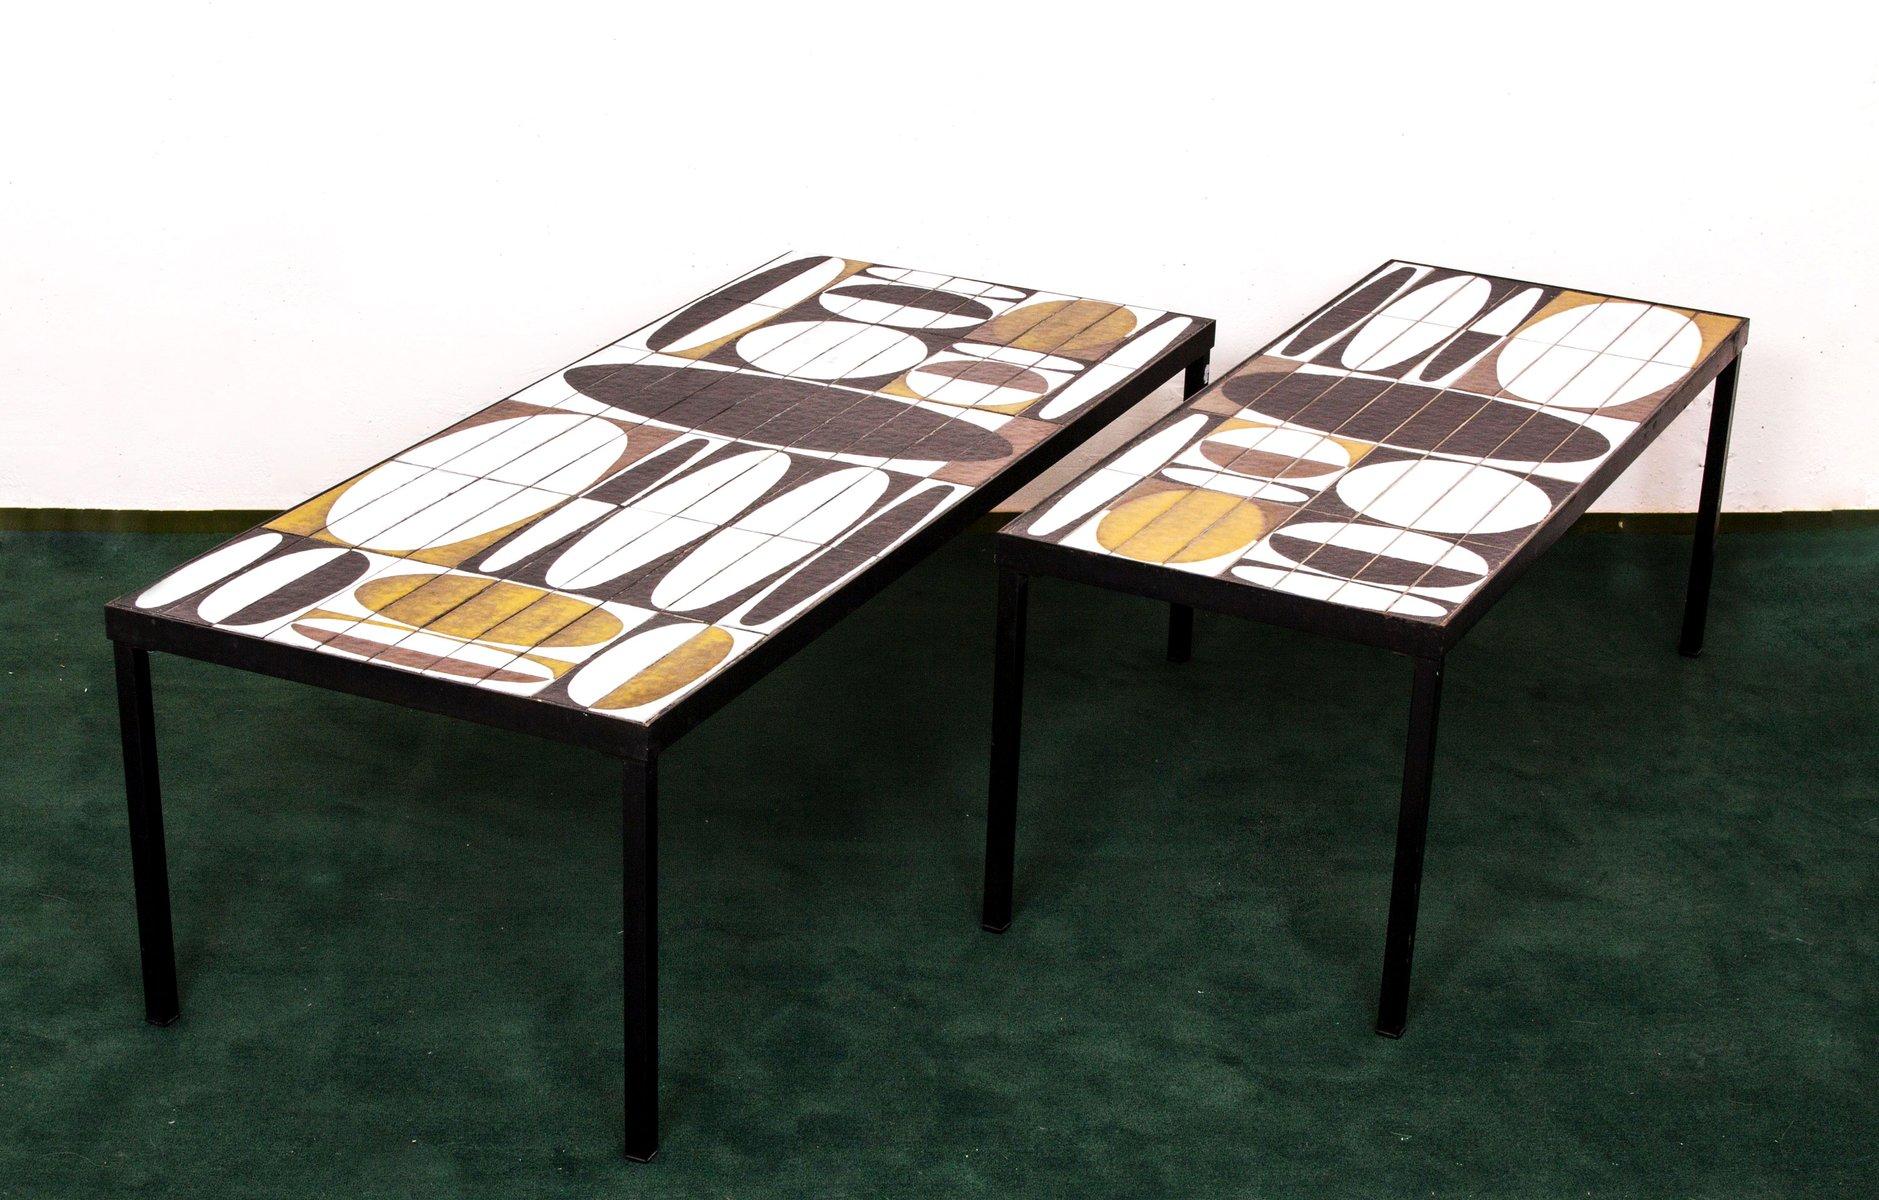 gro er ellipse couchtisch mit emaillierter tischplatte von roger capron 1960er bei pamono kaufen. Black Bedroom Furniture Sets. Home Design Ideas